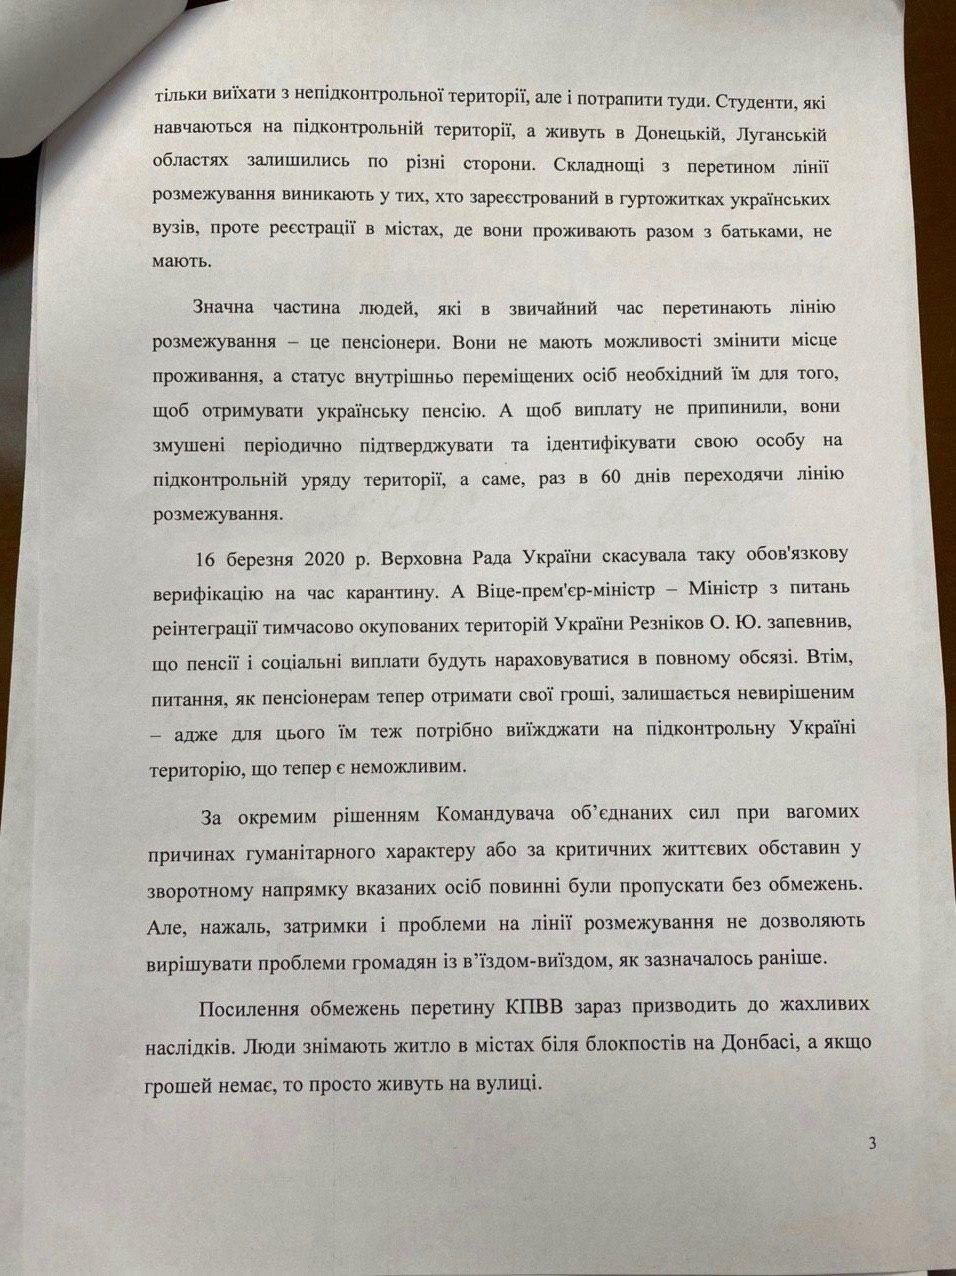 Депутаты от Луганщины и Донетчины просят Зеленского открыть КПВВ на Донбассе